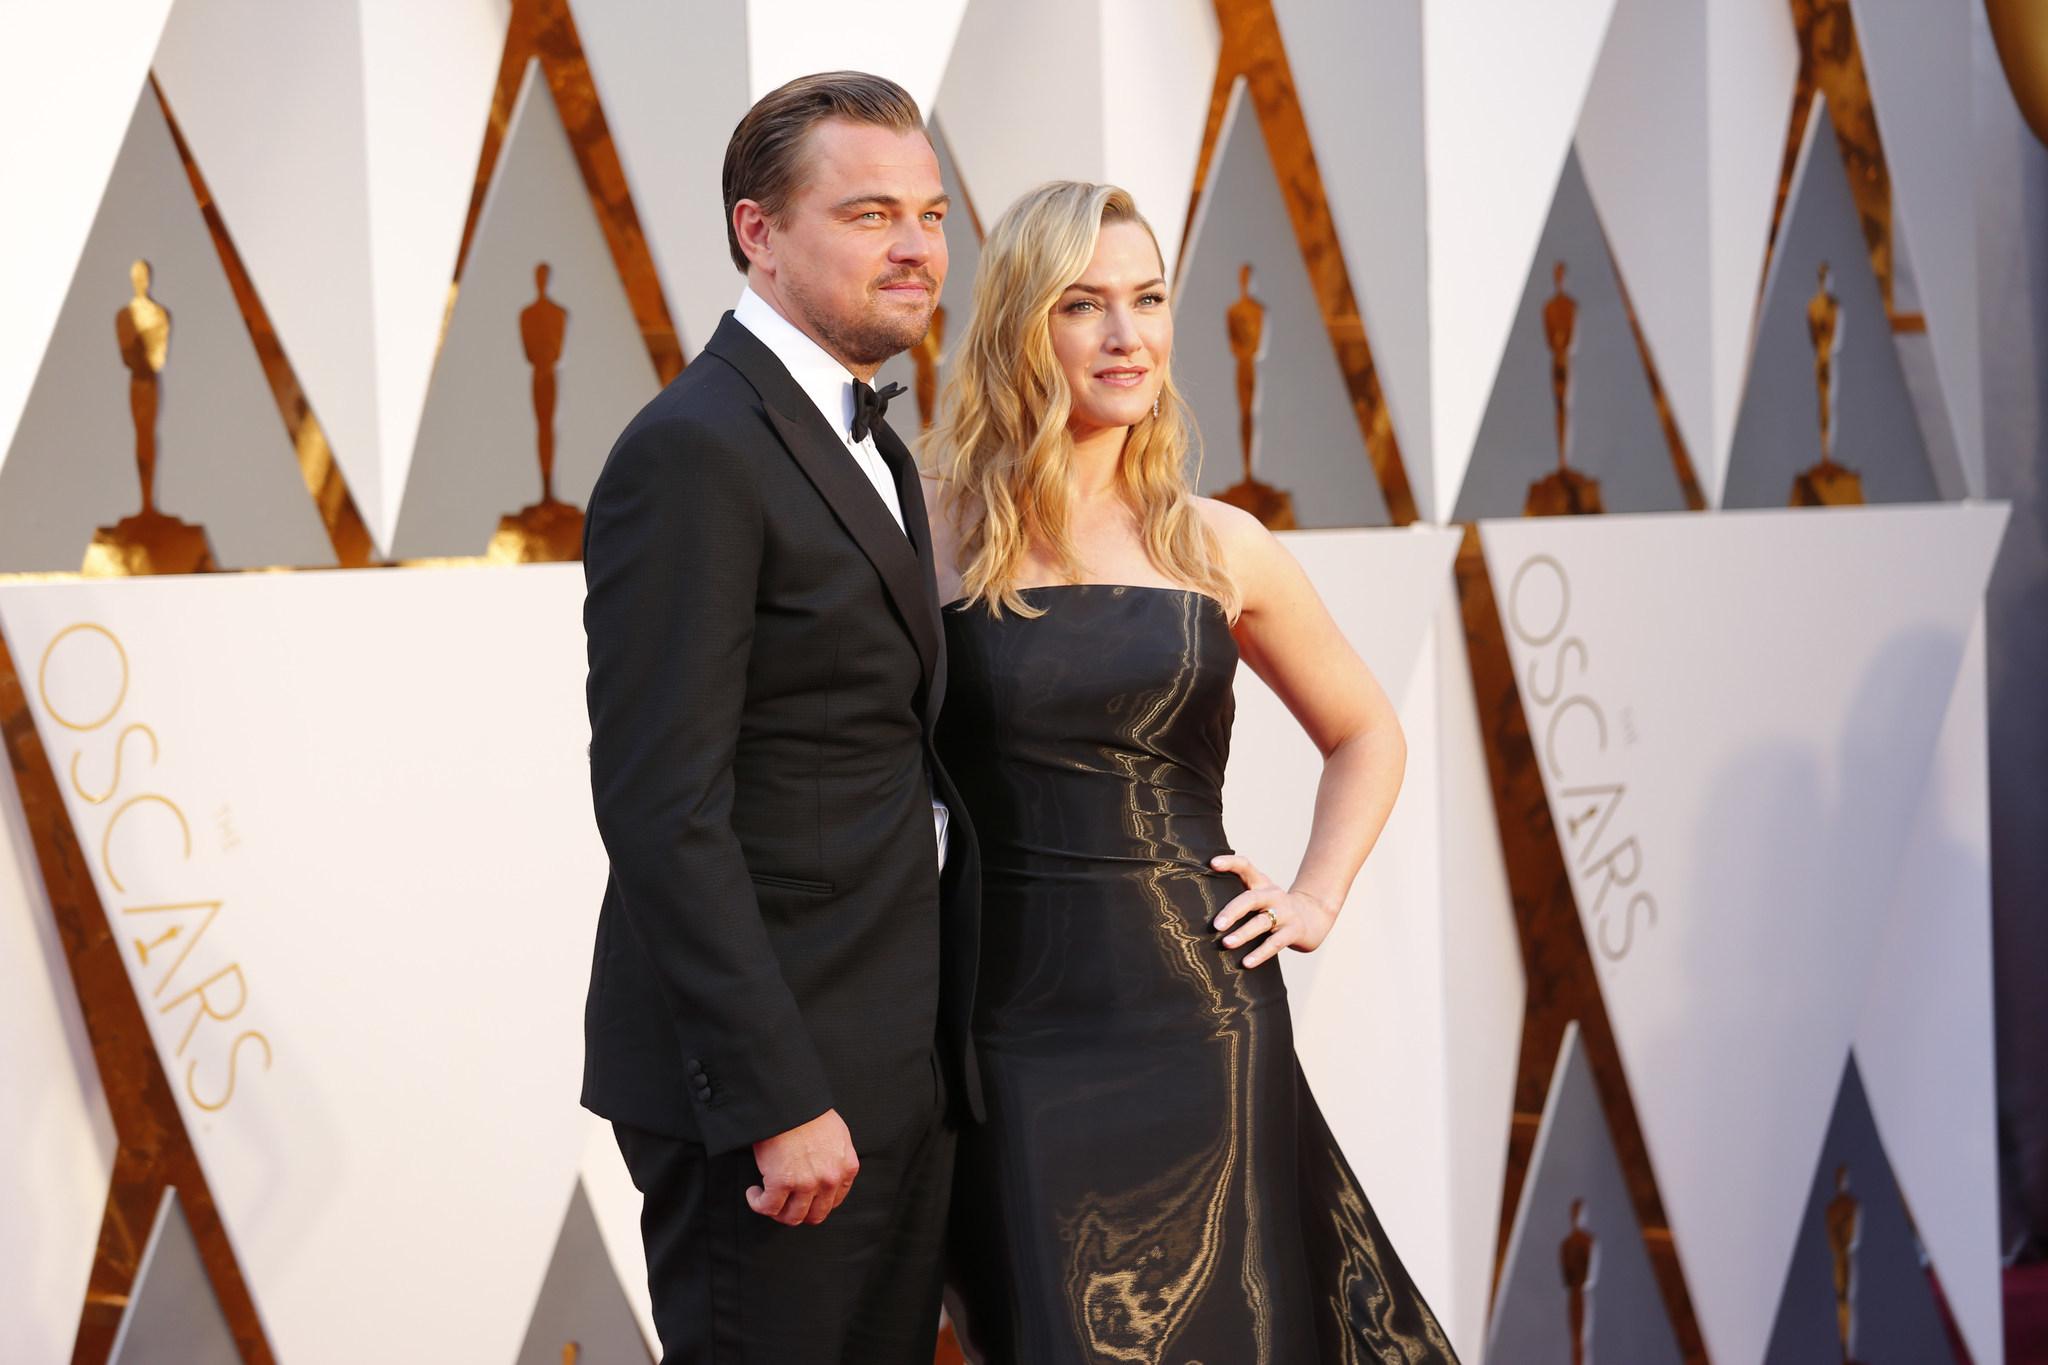 Kenang 2 Dekade Titanic Leonardo Dicaprio Kate Winslet Lelang